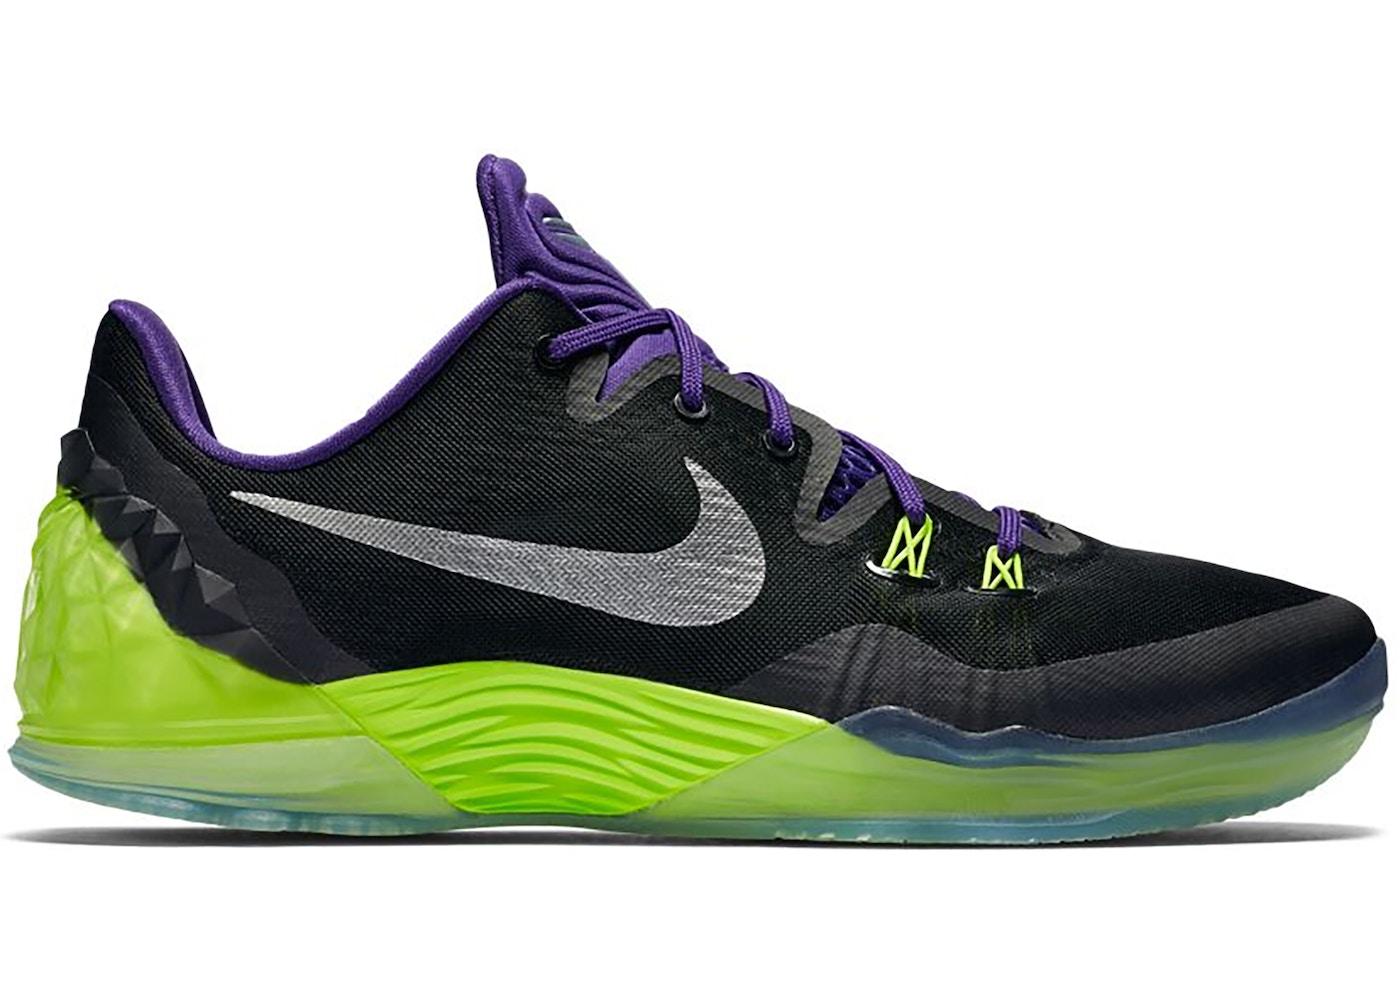 Nike Zoom Kobe Venomenon 5 Joker - 749884-005